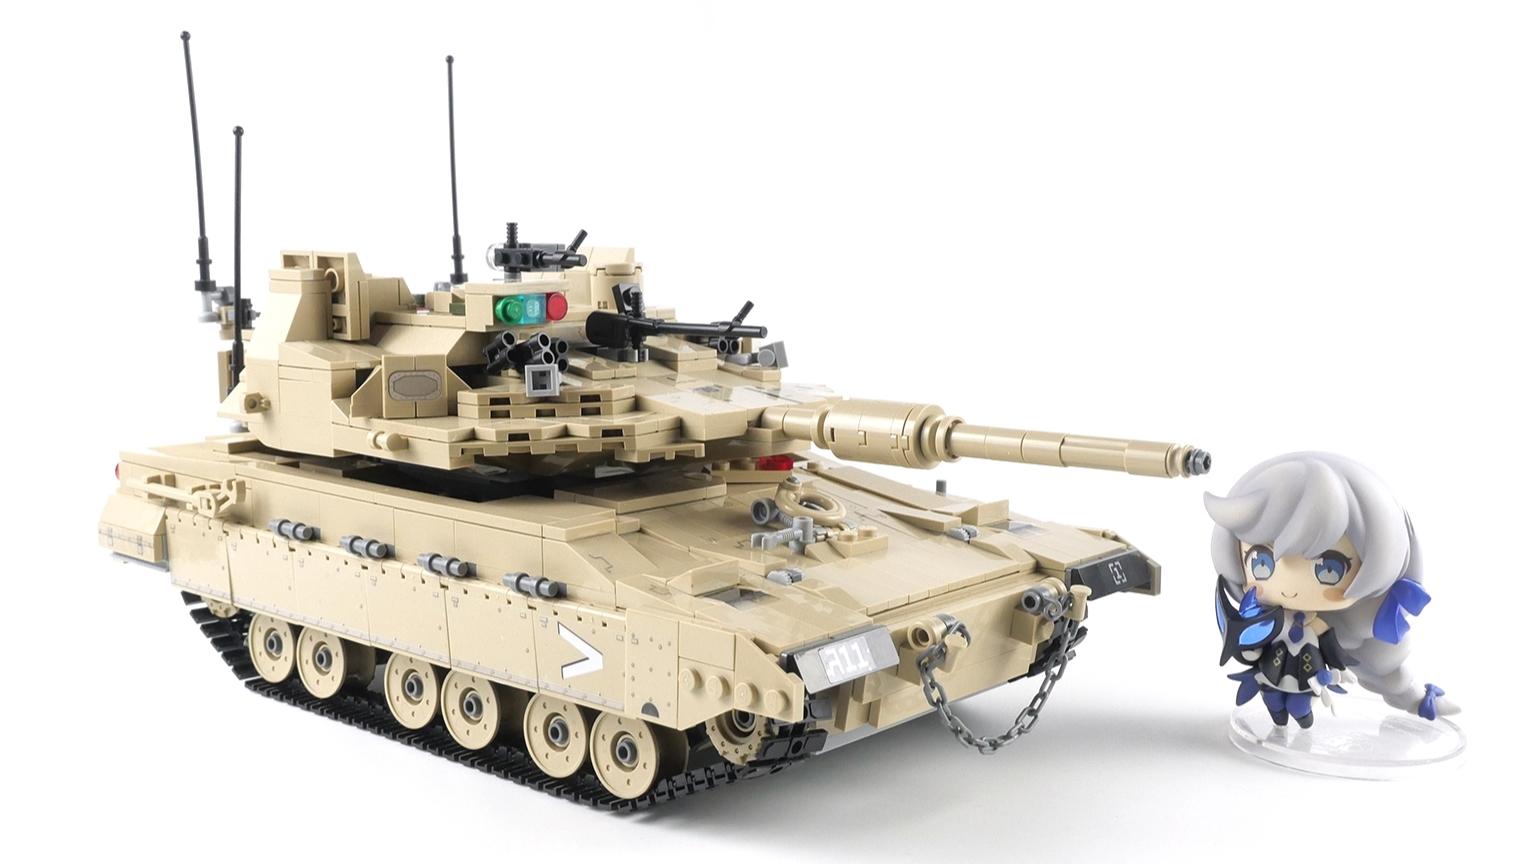 积木搭建:古迪积木梅卡瓦Mk4M坦克评测,人仔零件缺失严重